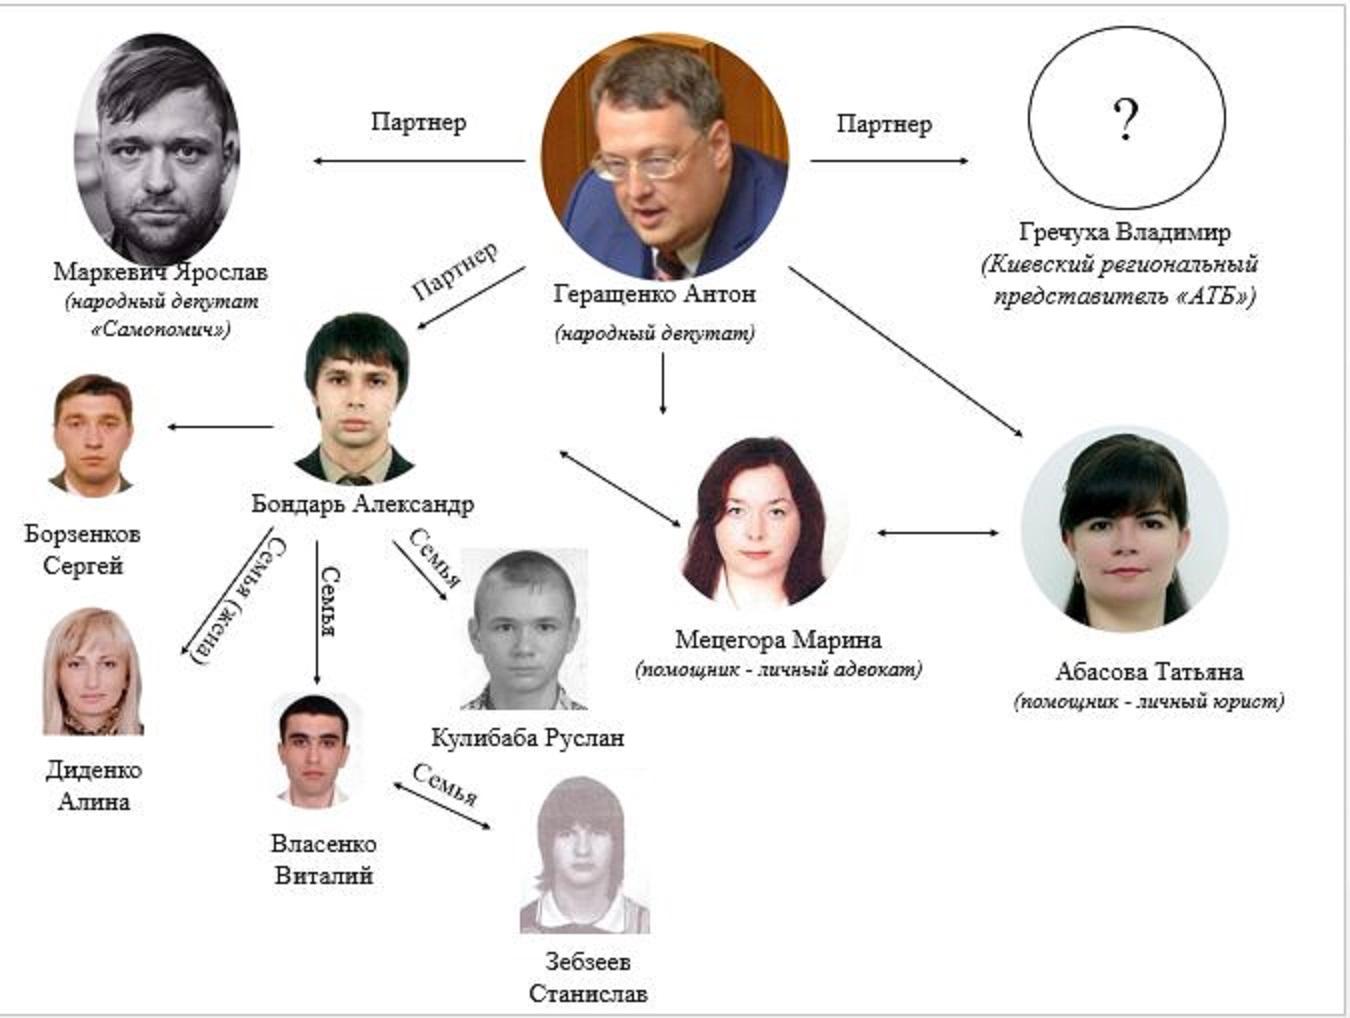 геращенко схема